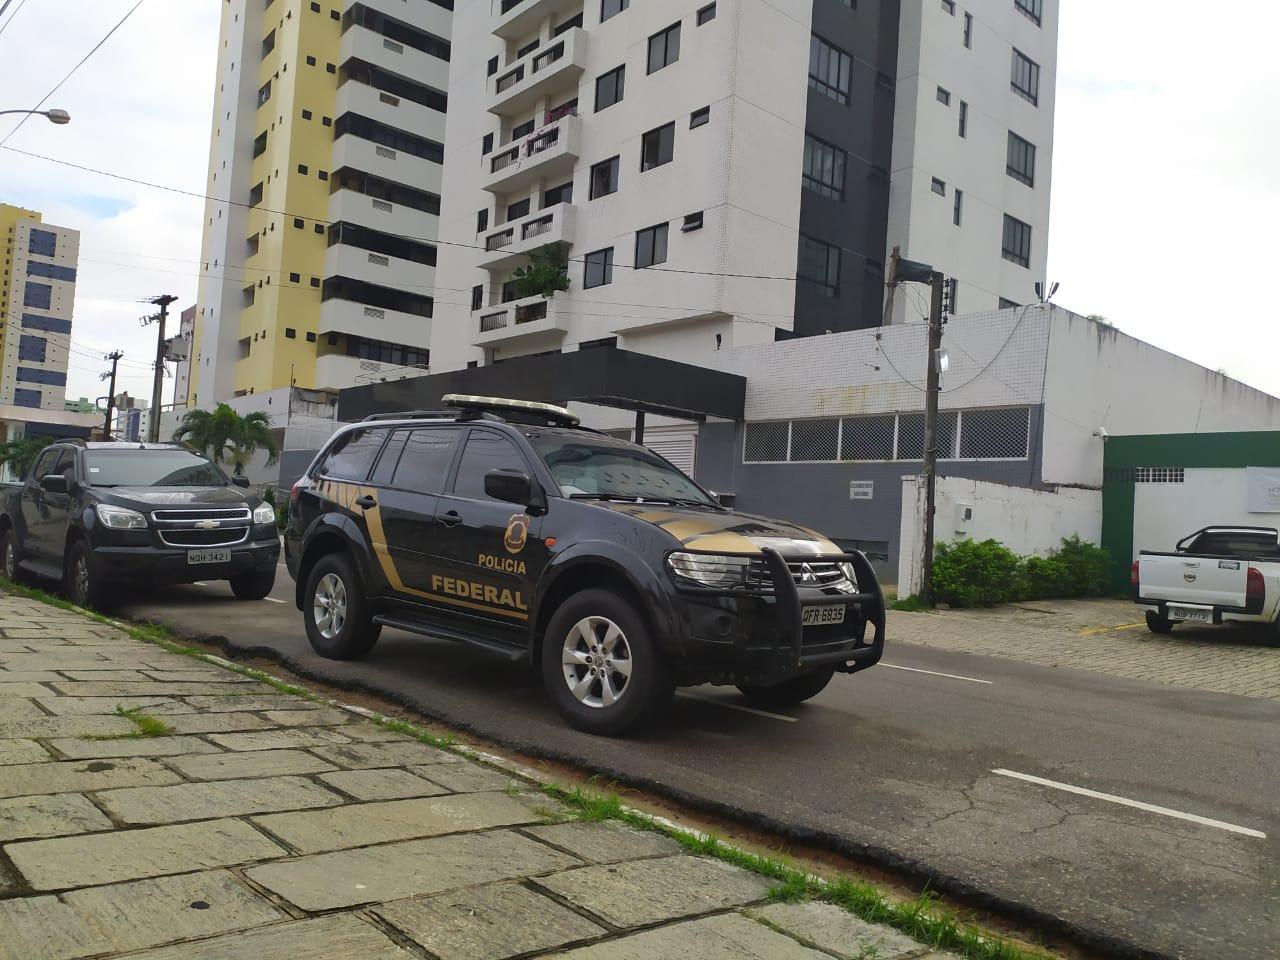 WhatsApp Image 2019 07 24 at 06.28.18 - Polícia Federal deflagra operação e cumpre mandados judiciais contra servidores da gestão de Romero Rodrigues - VEJA VÍDEO